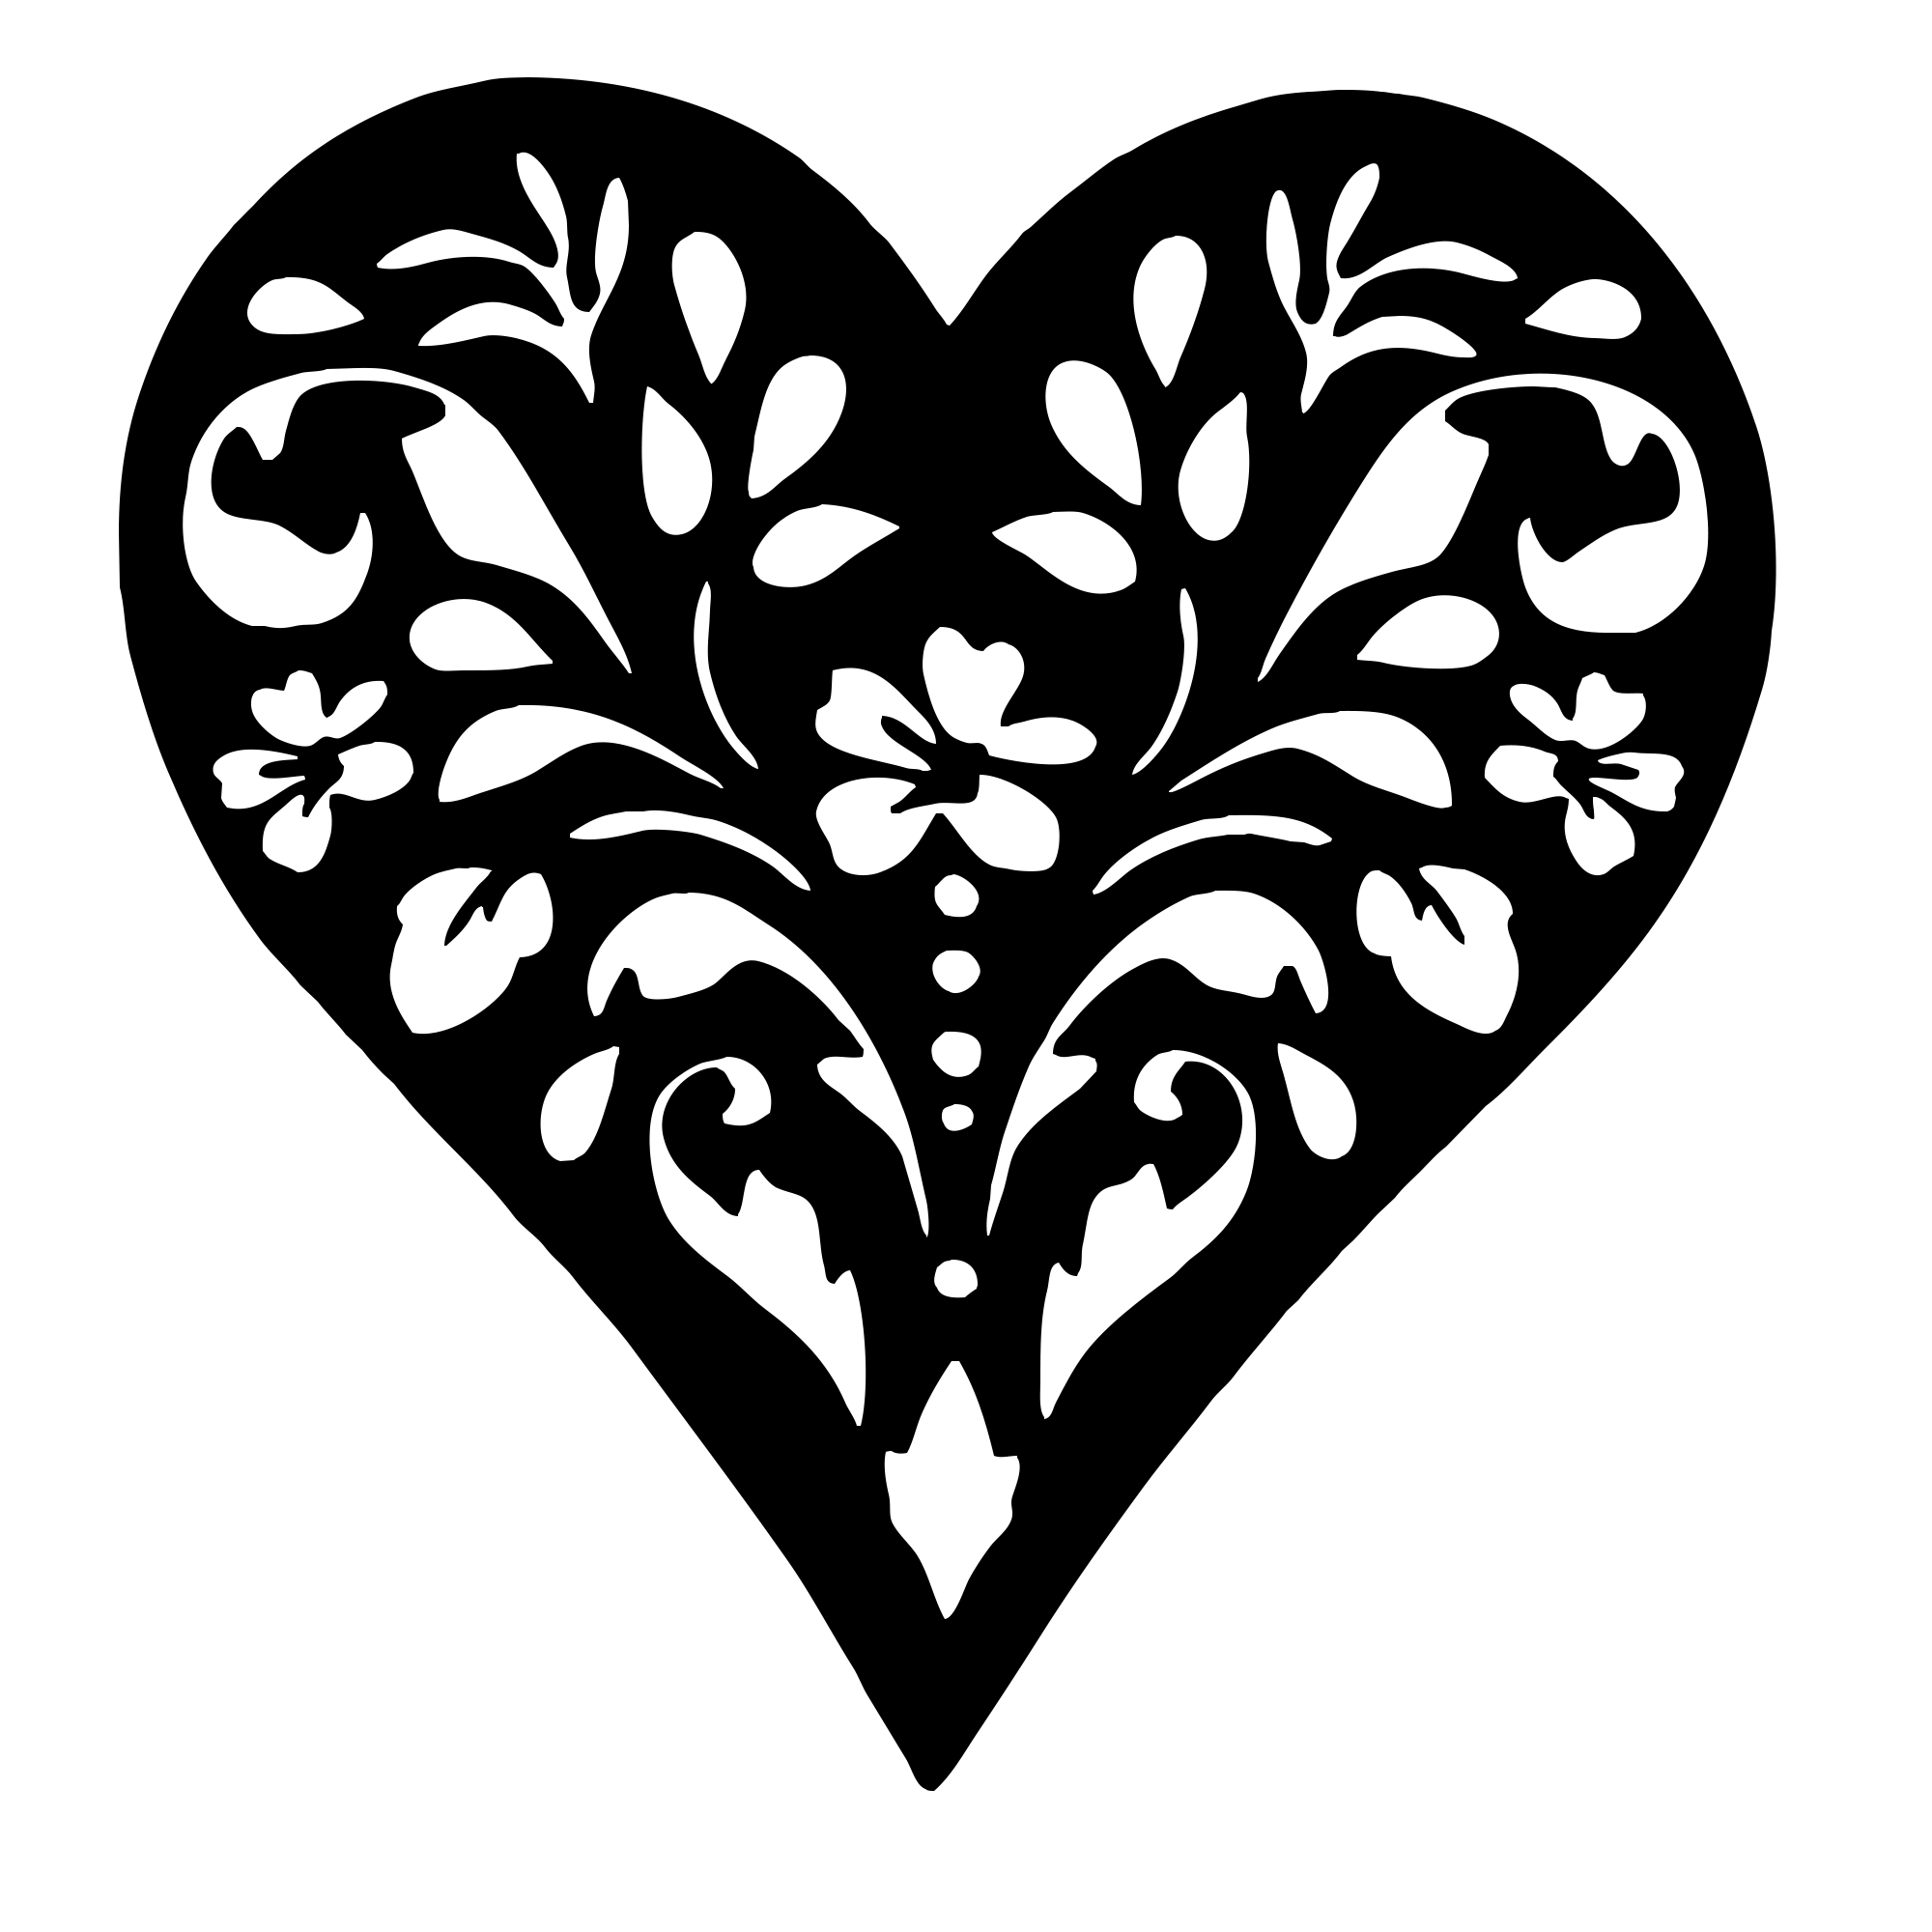 dise/ño de corazones A4/297/x 210/mm Stencil Plantilla para DIY proyectos